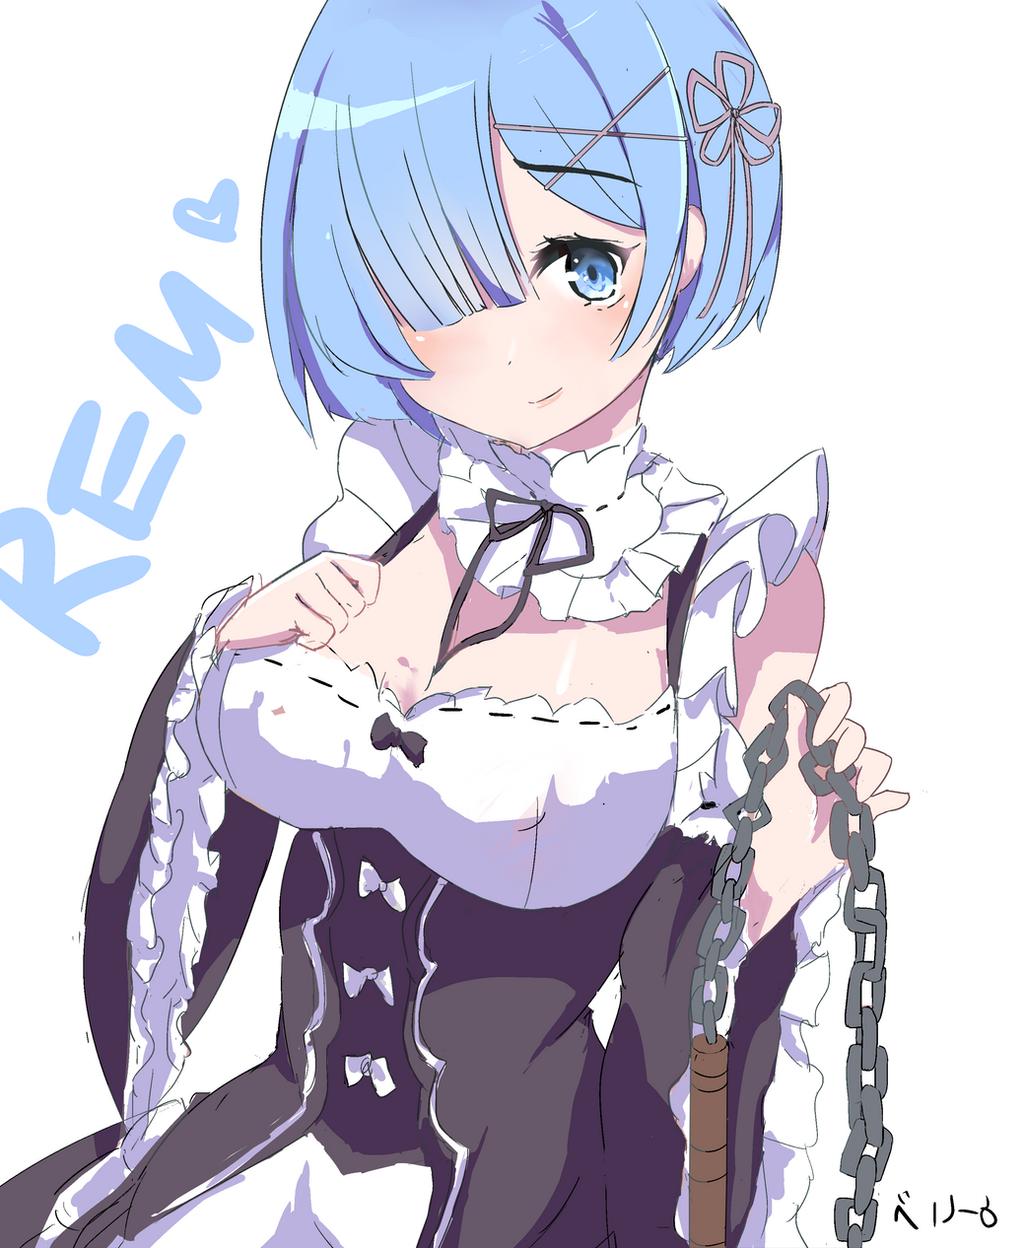 Rem re:zero